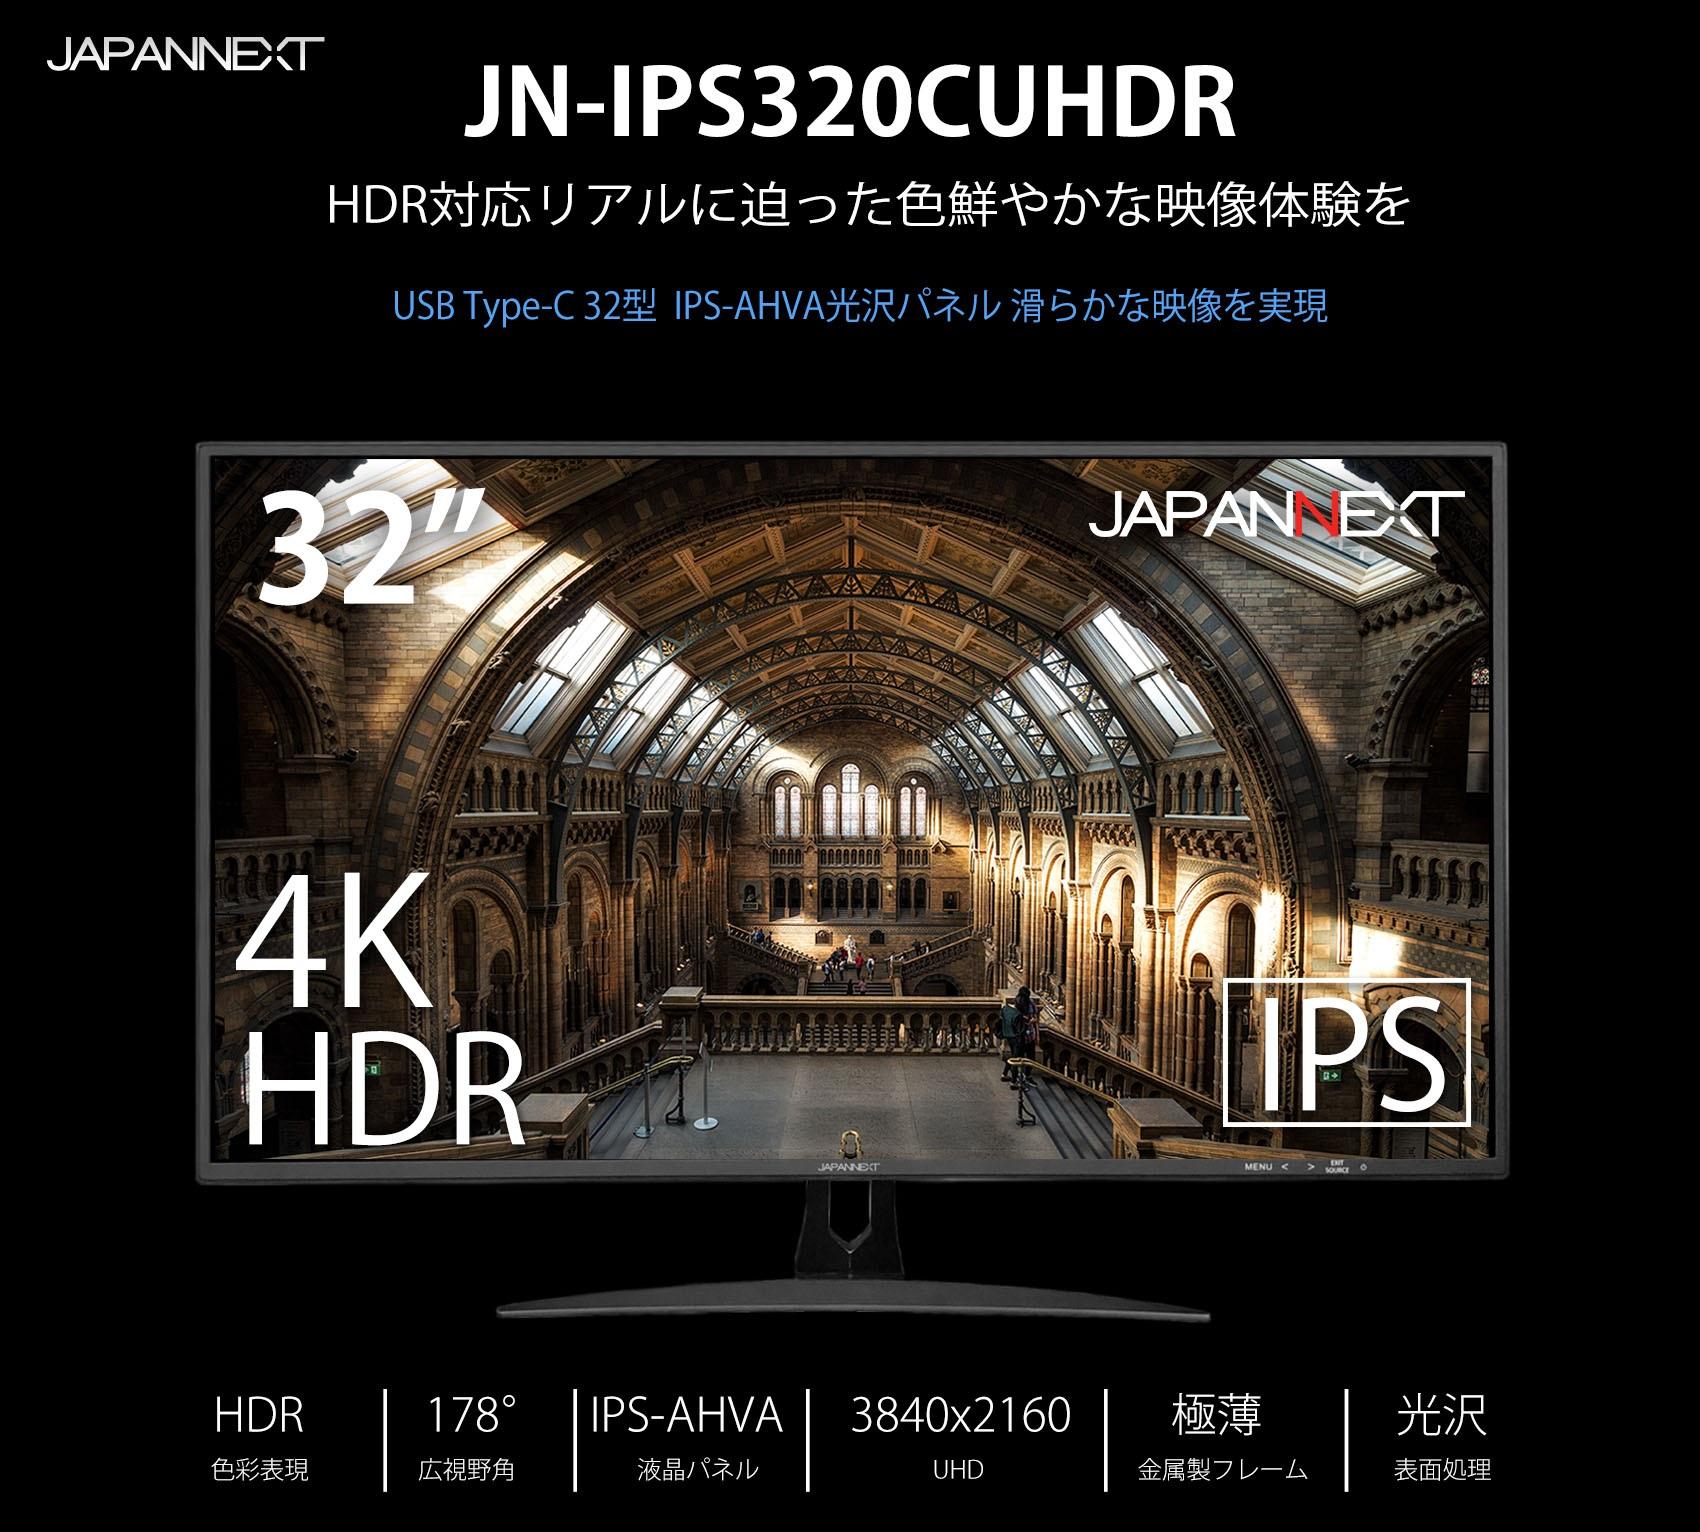 鮮やかな 色彩表現 178°広視野角 IPS-AHVA 液晶パネル 3840x2160 4K UHD解像度 アルミ製フレーム 1.07Billion 色パネル搭載 srgb 100%対応パネル